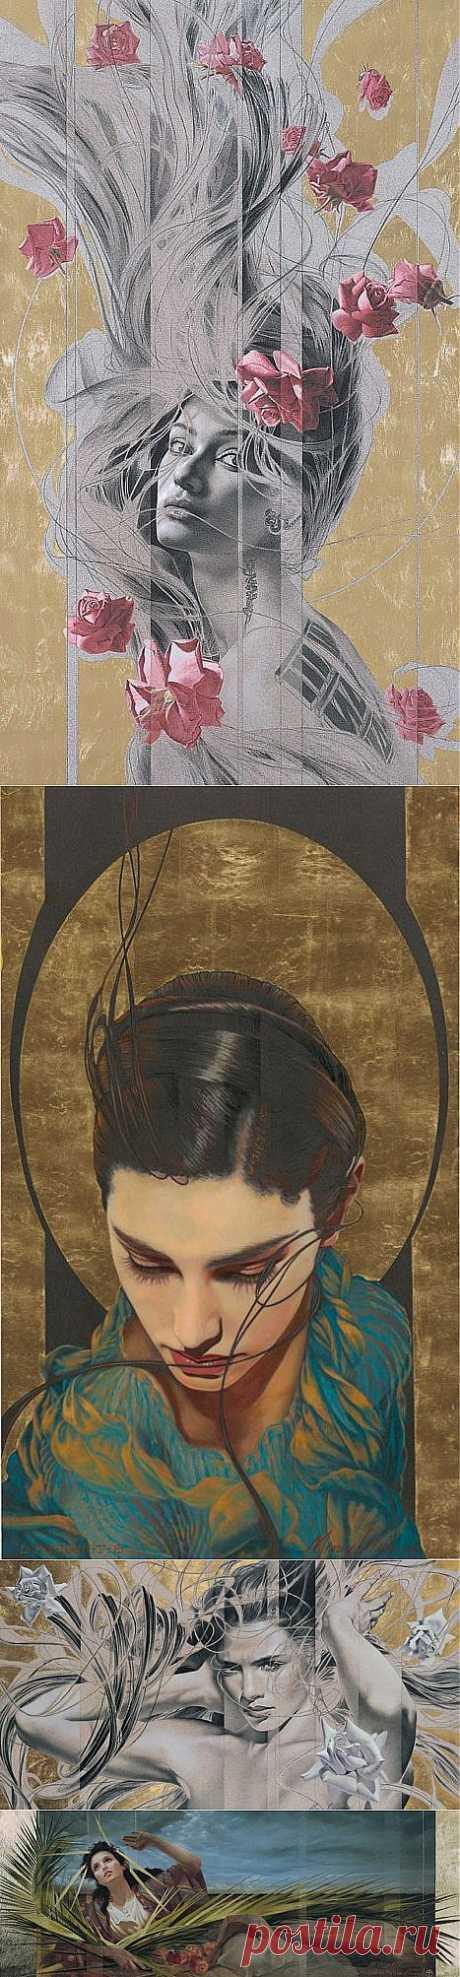 Manuel Nunez. Живопись с применением золота. Нестандартные женские портреты | Usenkomaxim.ru